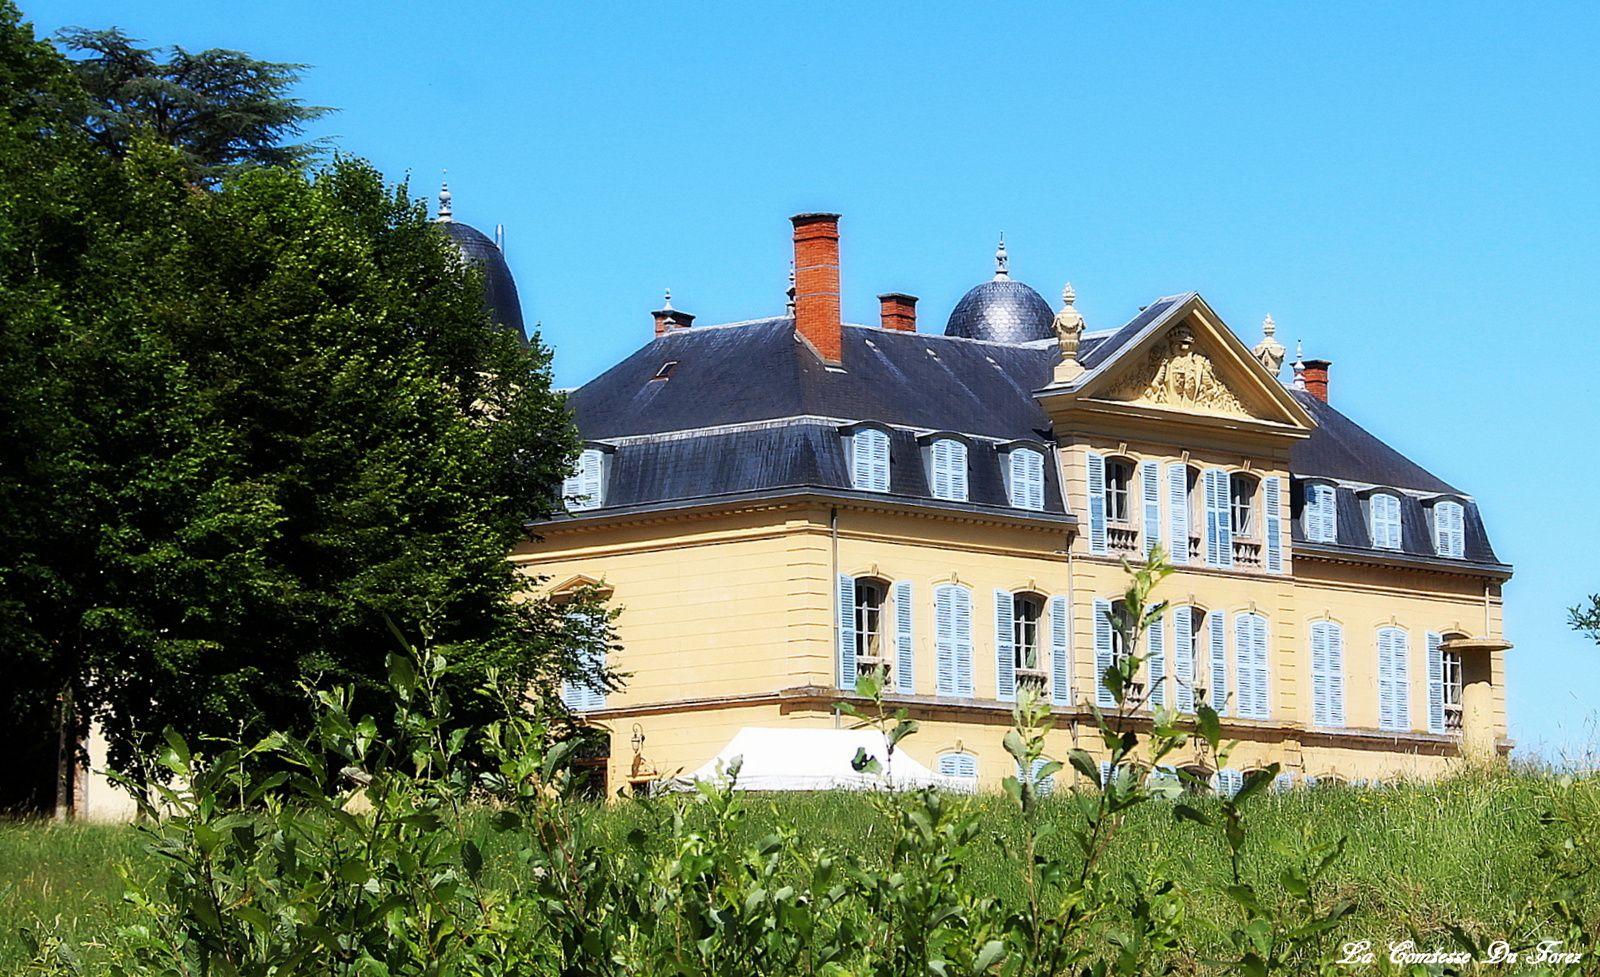 Château d'Ailly (42120 Parigny, Loire France)